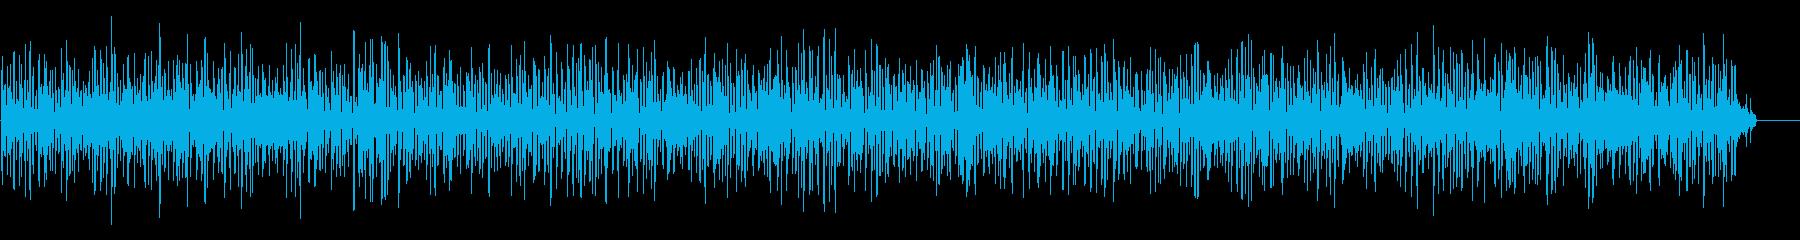 アコーディオンジャズバンド・ヨーロピアンの再生済みの波形